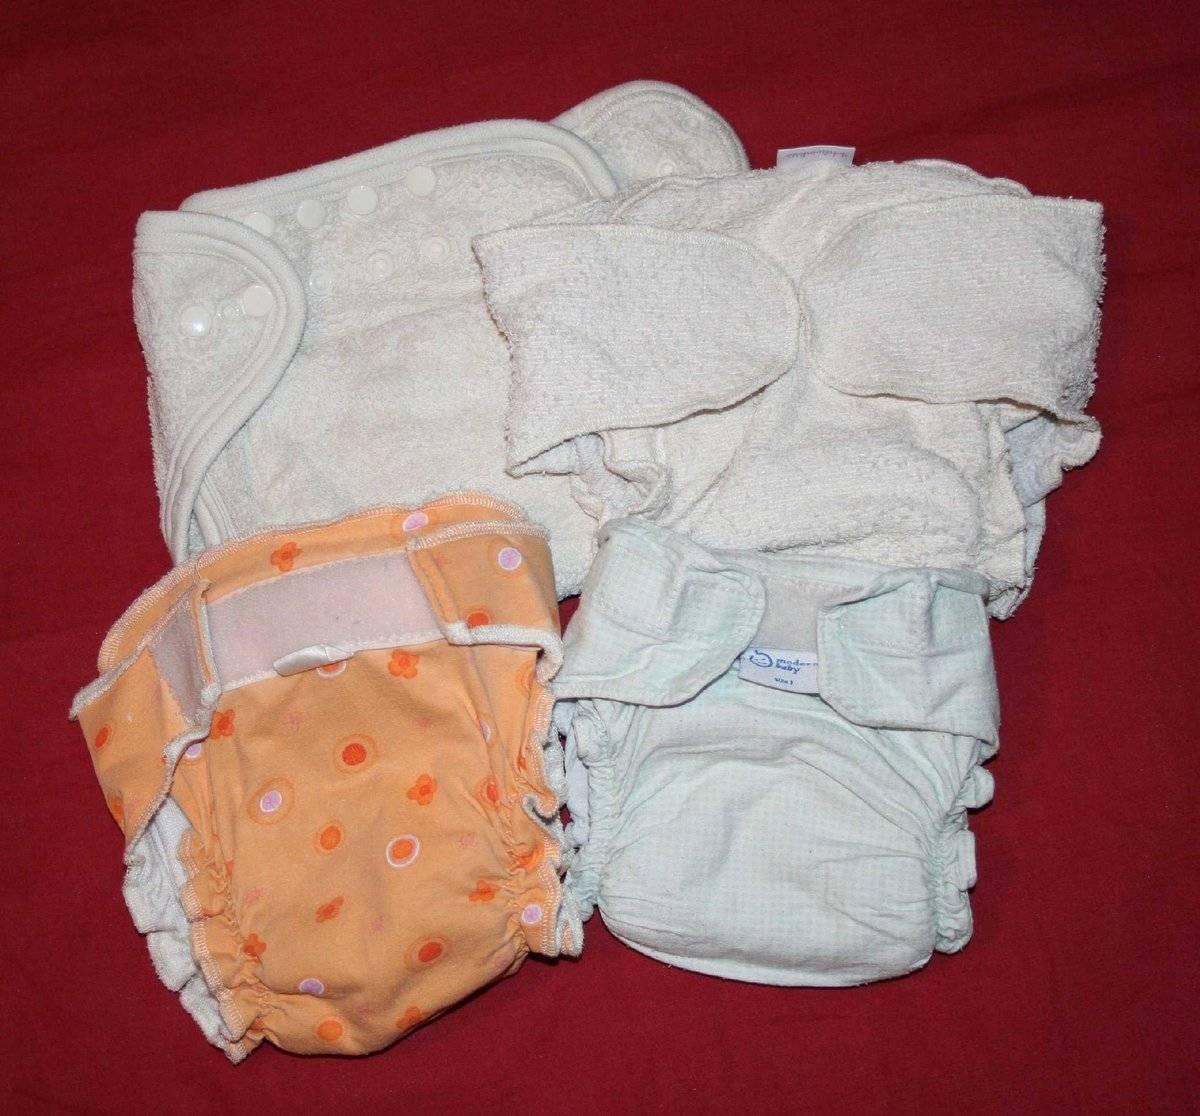 Марлевые подгузники для новорожденных (31 фото): как сделать из марли своими руками, как сшить по размерам